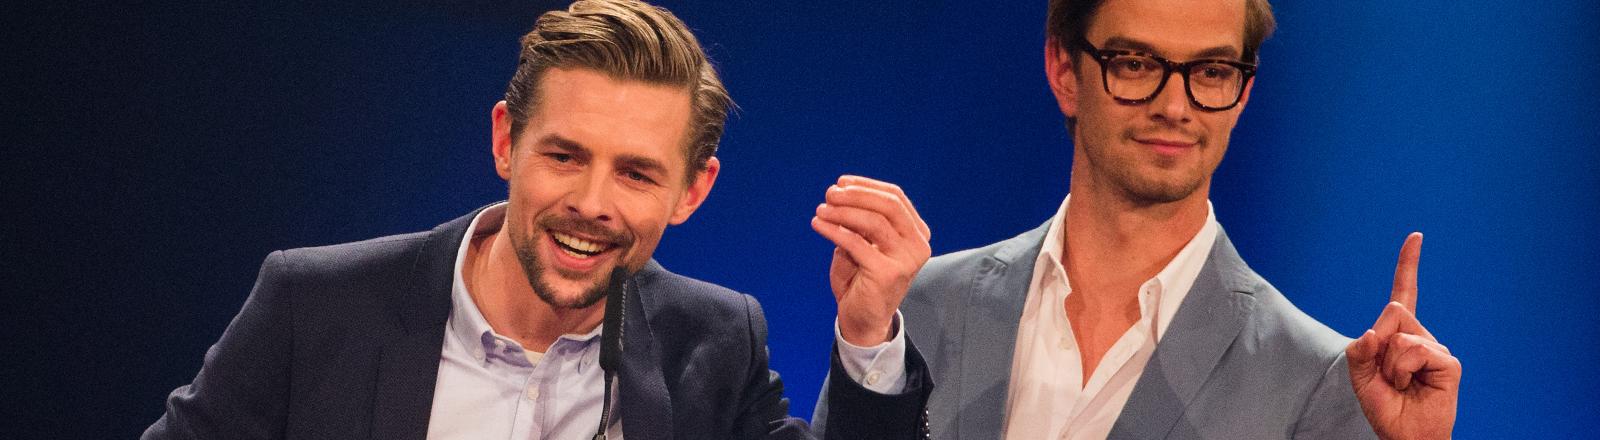 Joko Winterscheidt und Klaas Heufer-Umlauf freuen sich am 04.12.2014 bei der Verleihung der 1Live Krone in der Jahrhunderthalle in Bochum.